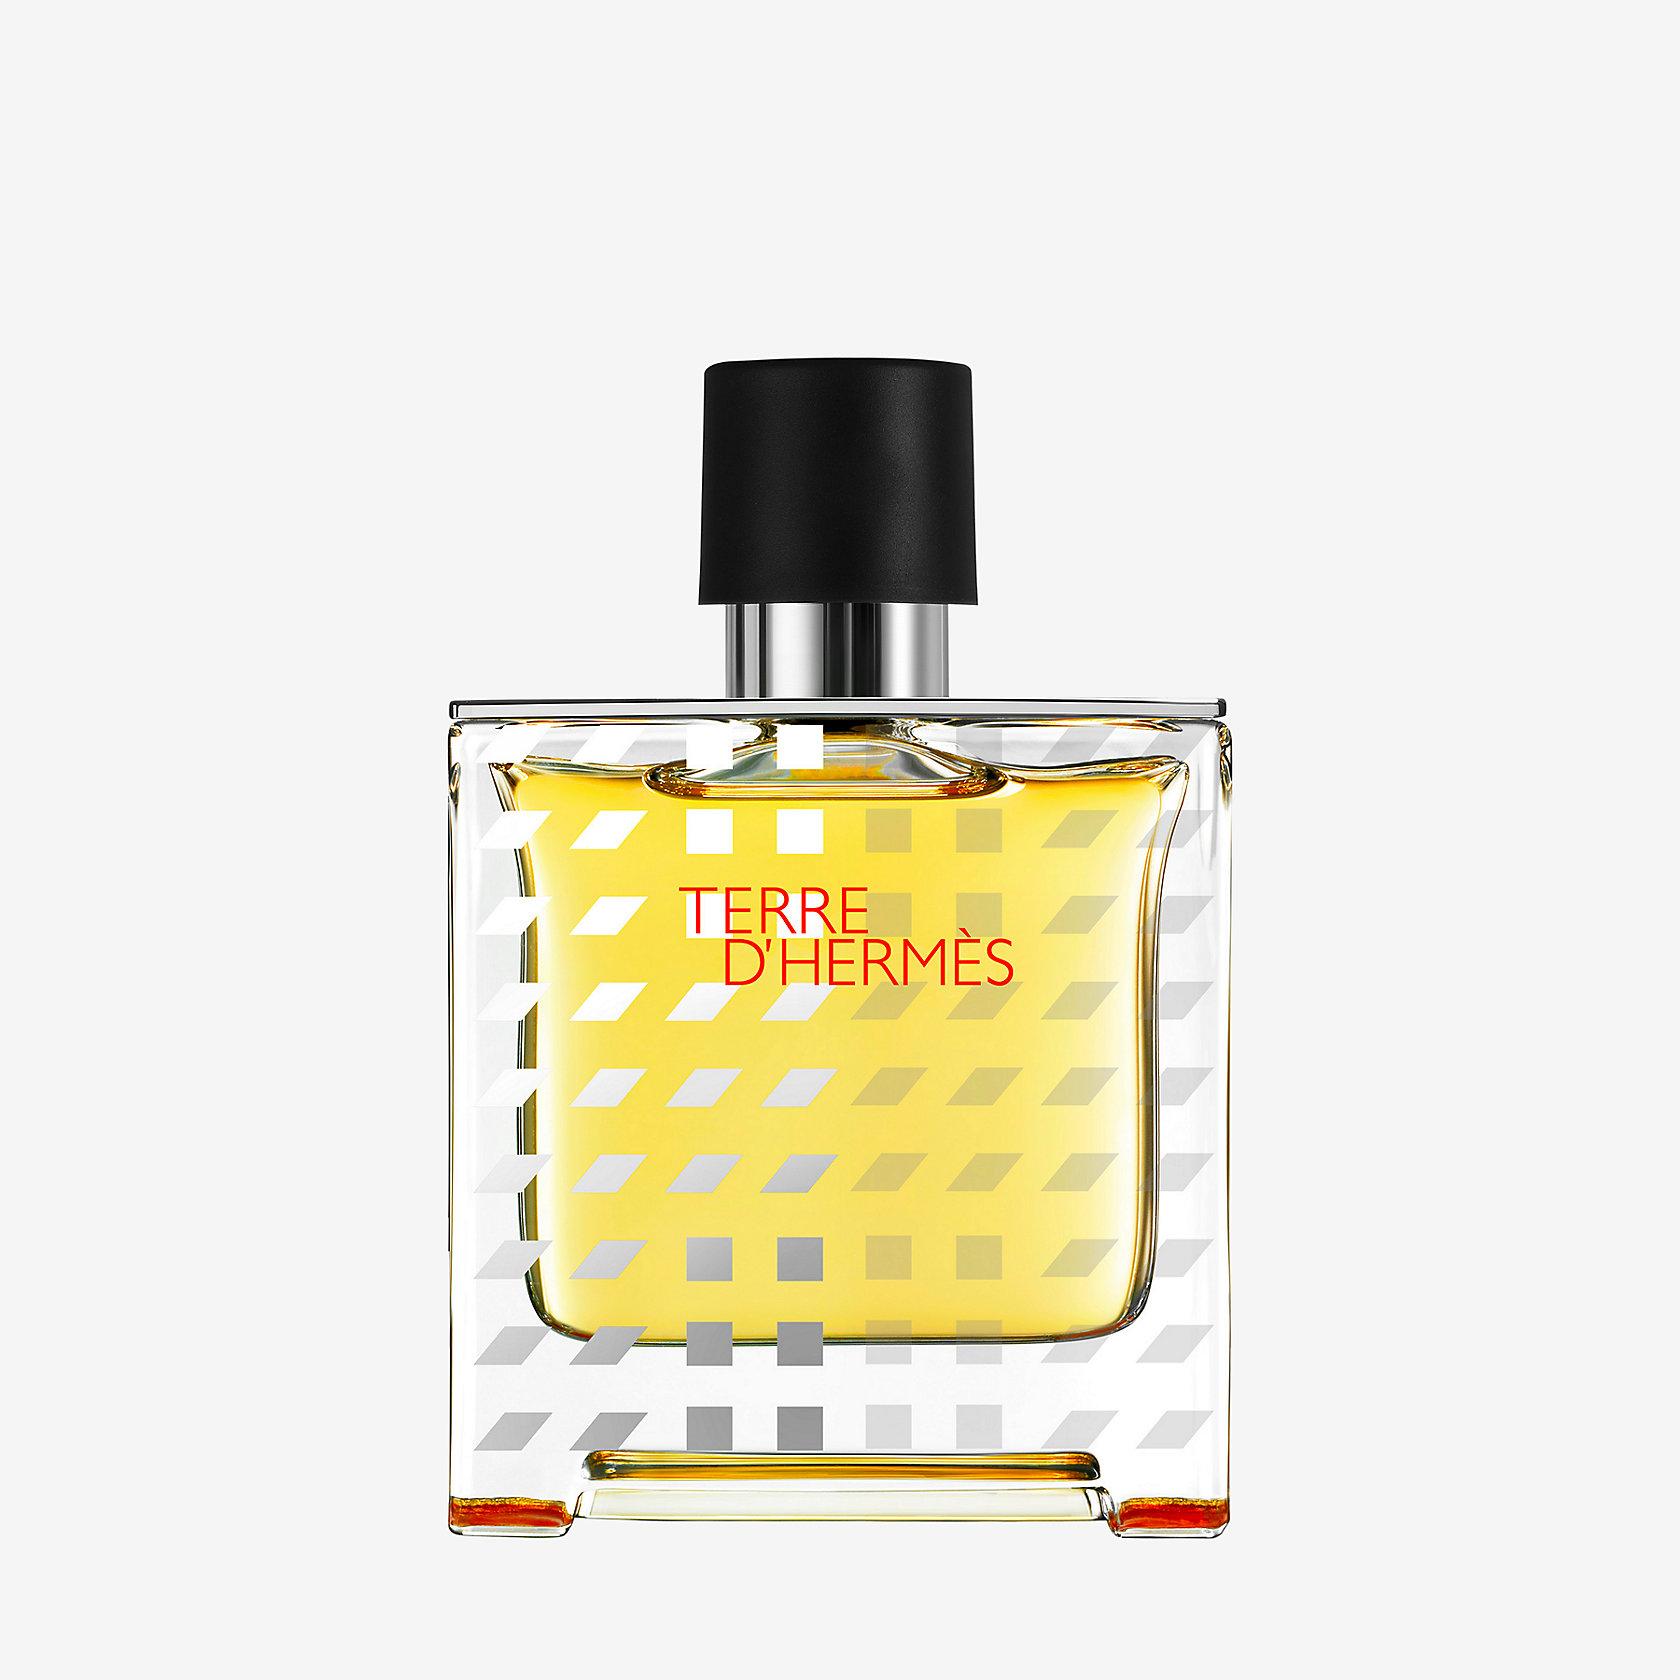 Terre Dhermes Parfum H Bottle Limited Edition Hermès